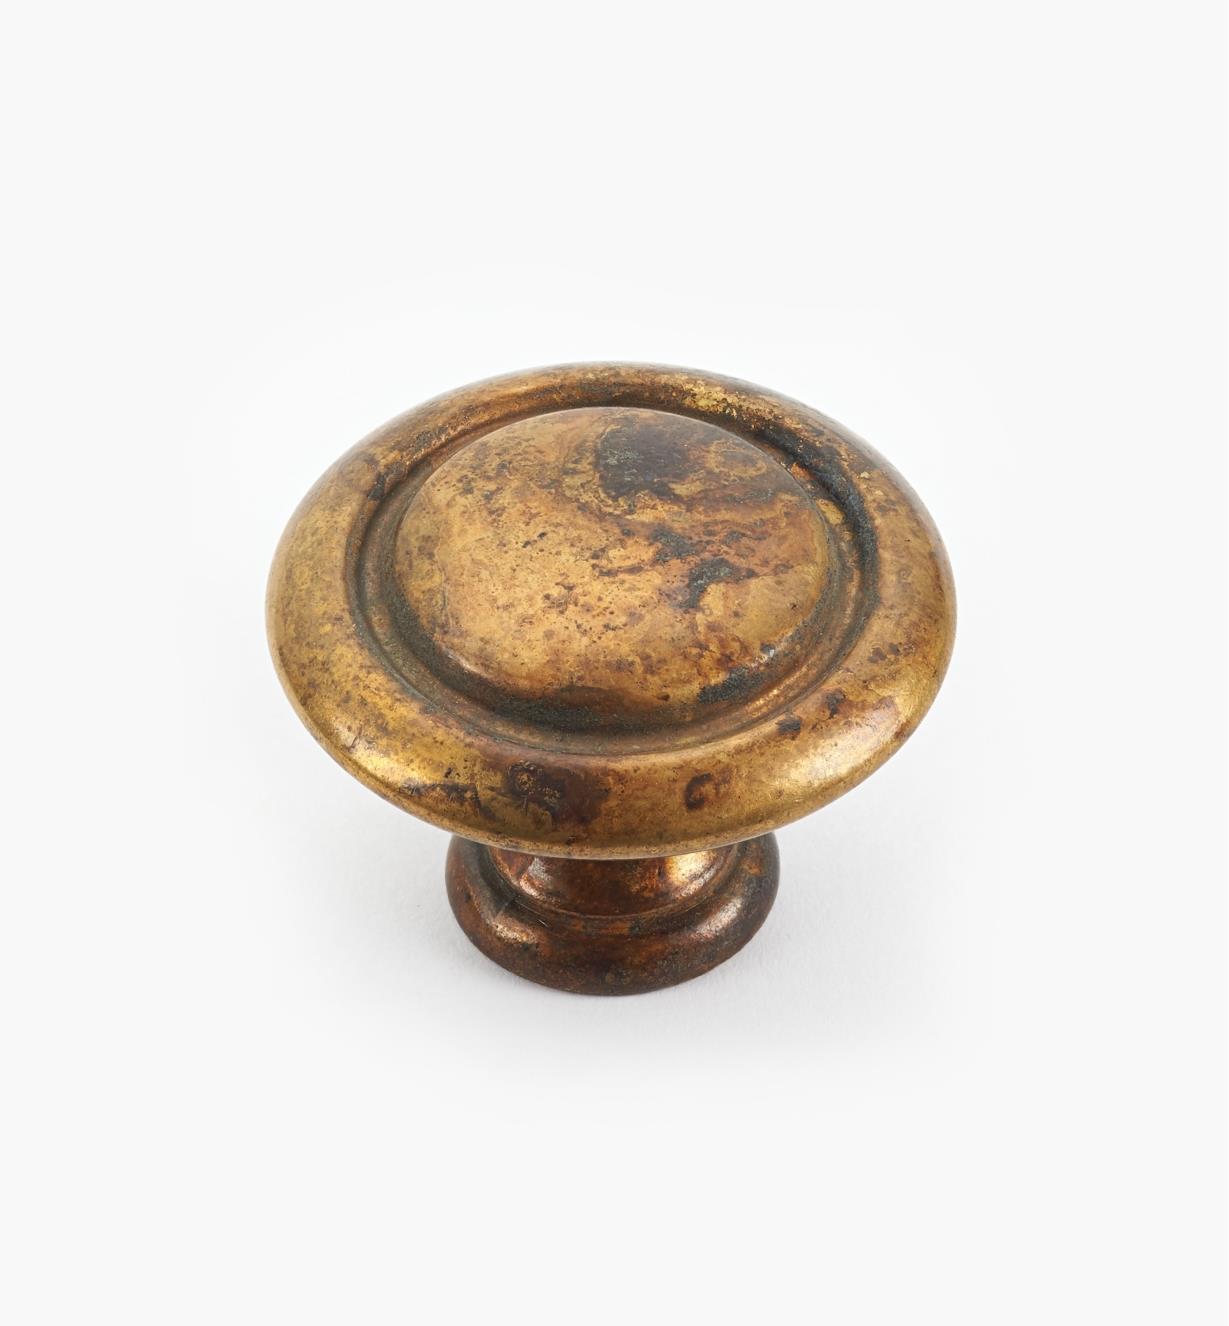 01A5535 - 35mm x 26mm Ring Knob